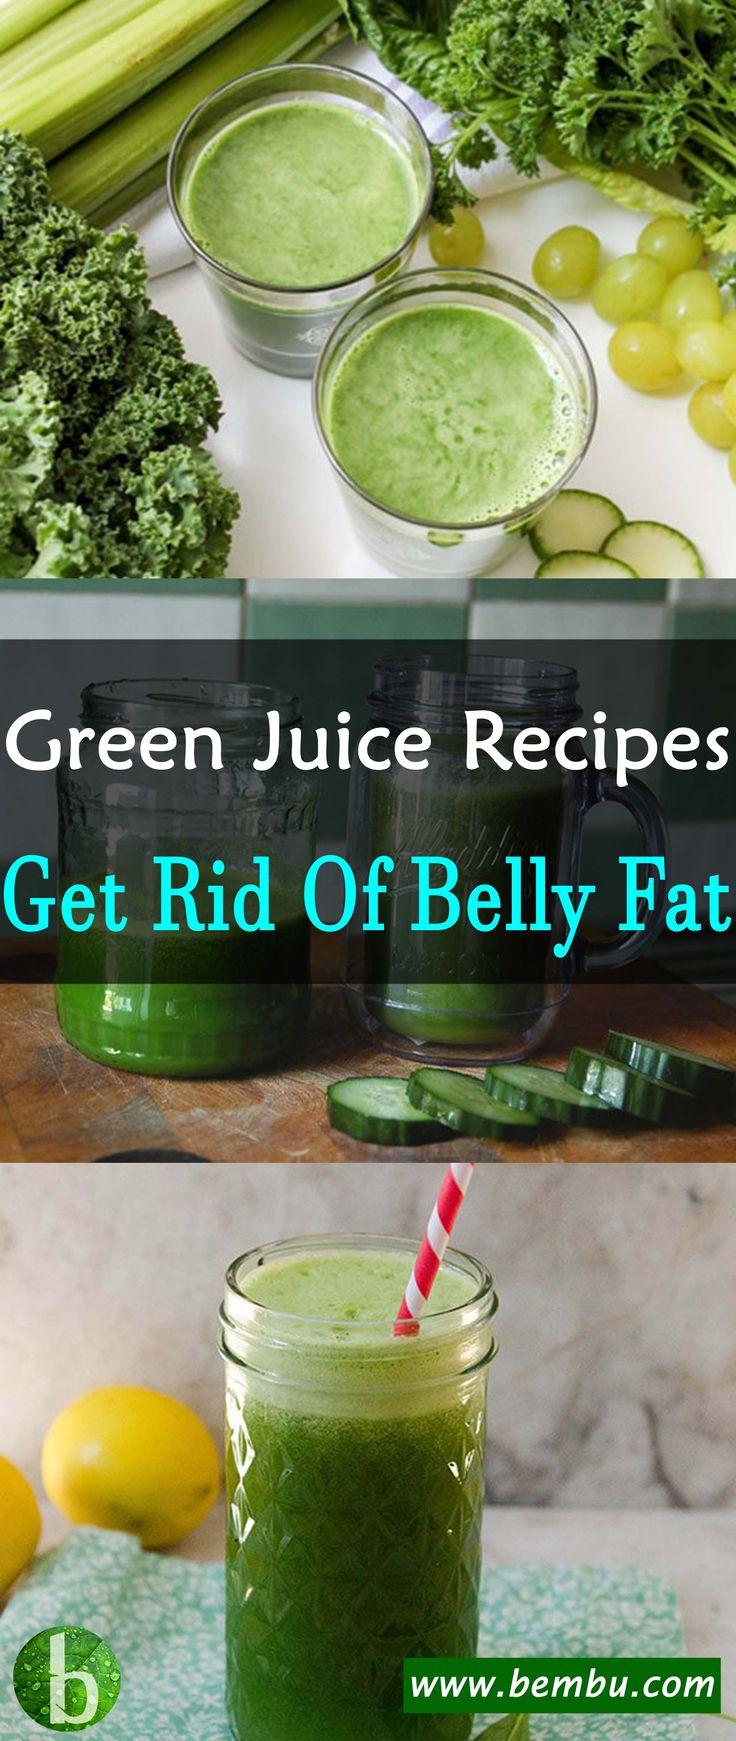 Ähnlich wie der grüne Smoothie-Trend übernimmt der mittlere grüne Saft. Leichter …   – Best recipes & drinks community